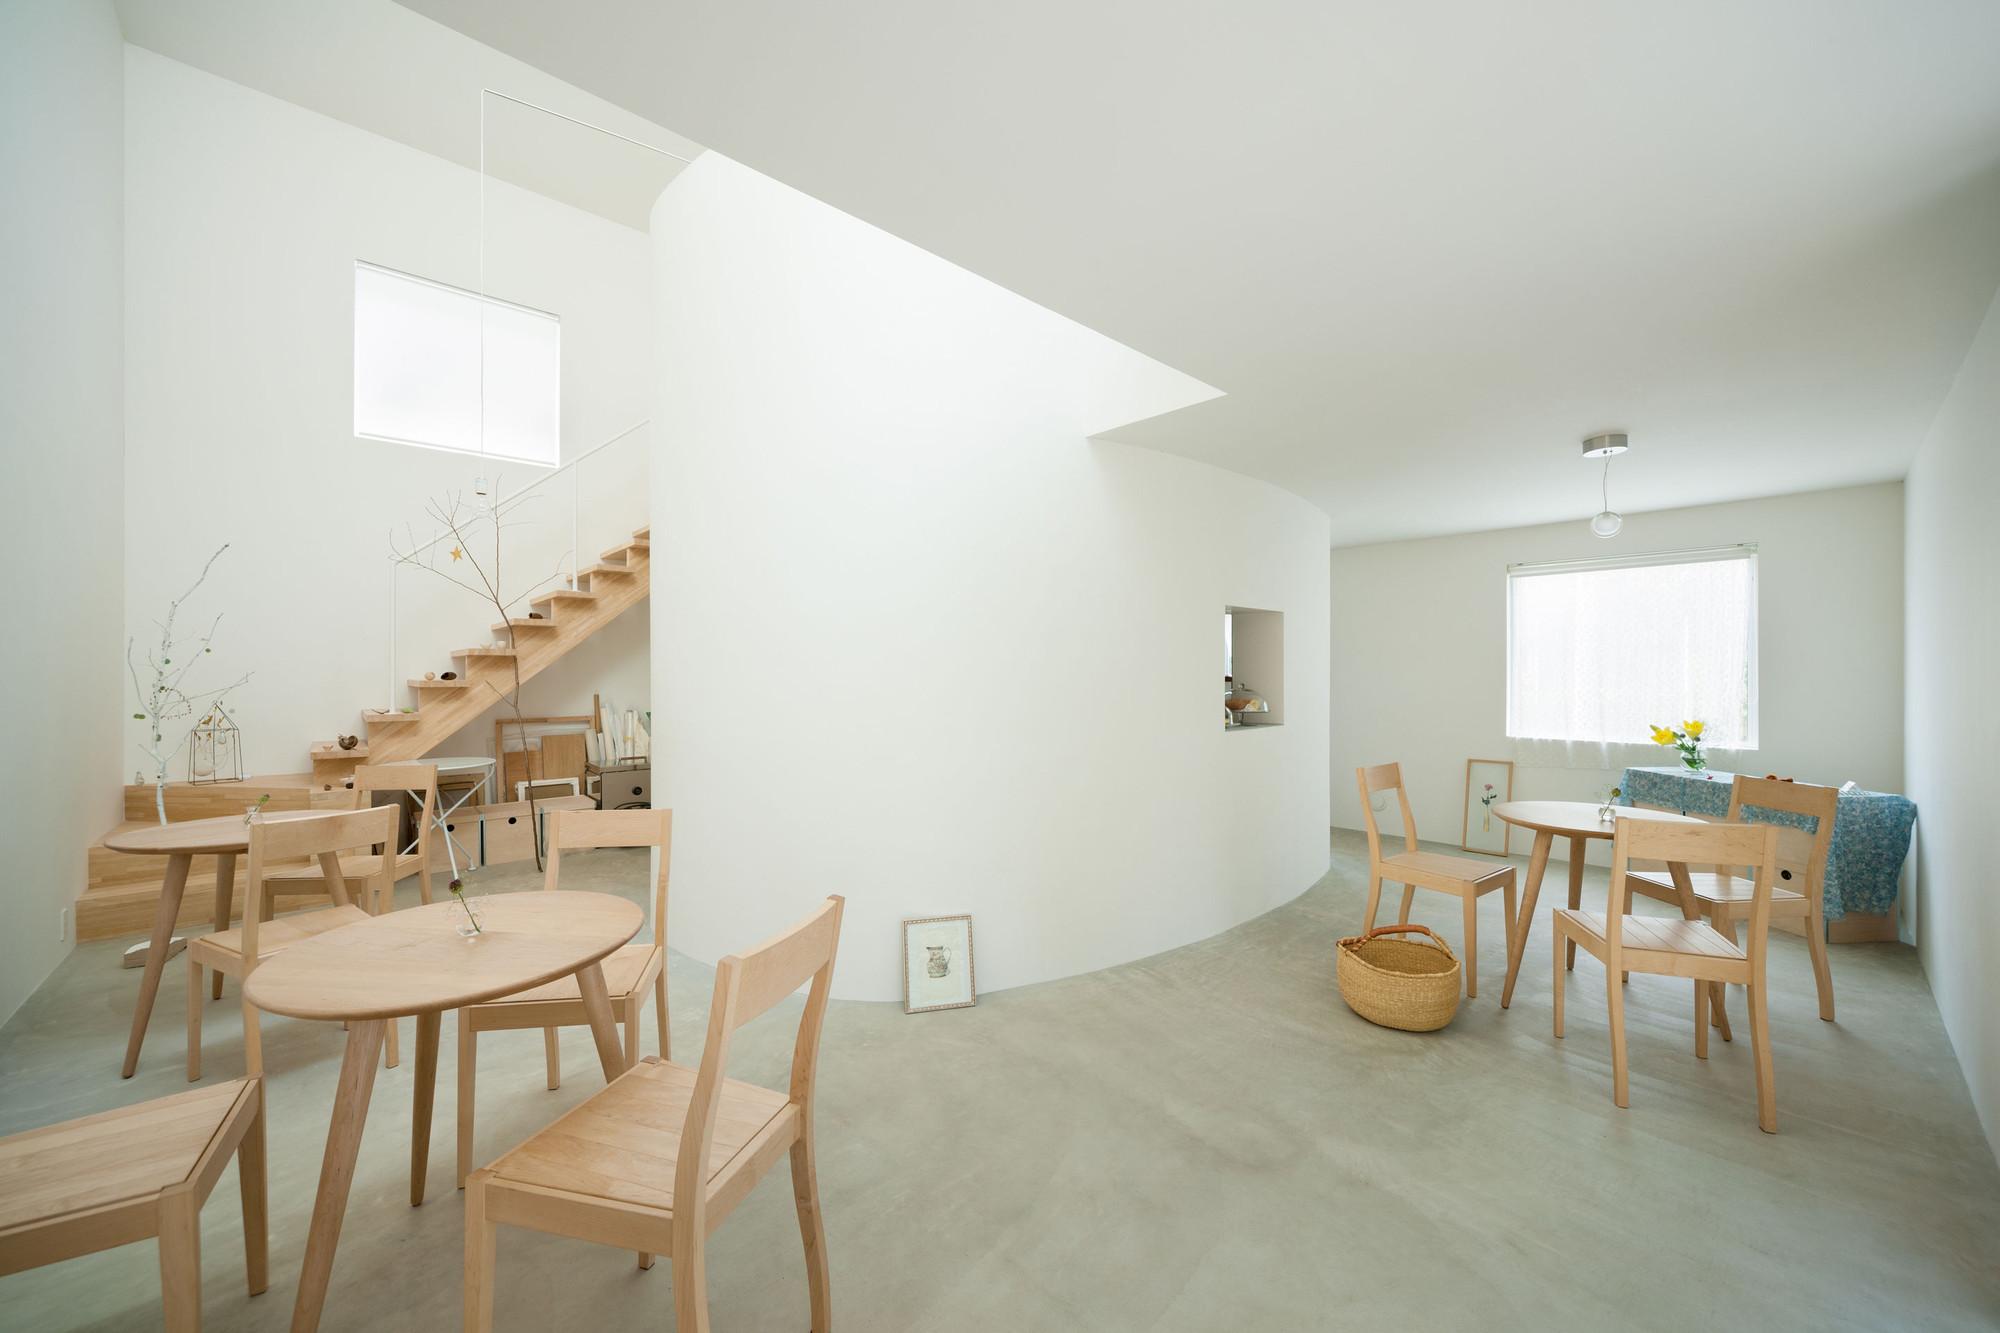 Oeuf / Flat House, © Takumi Ota